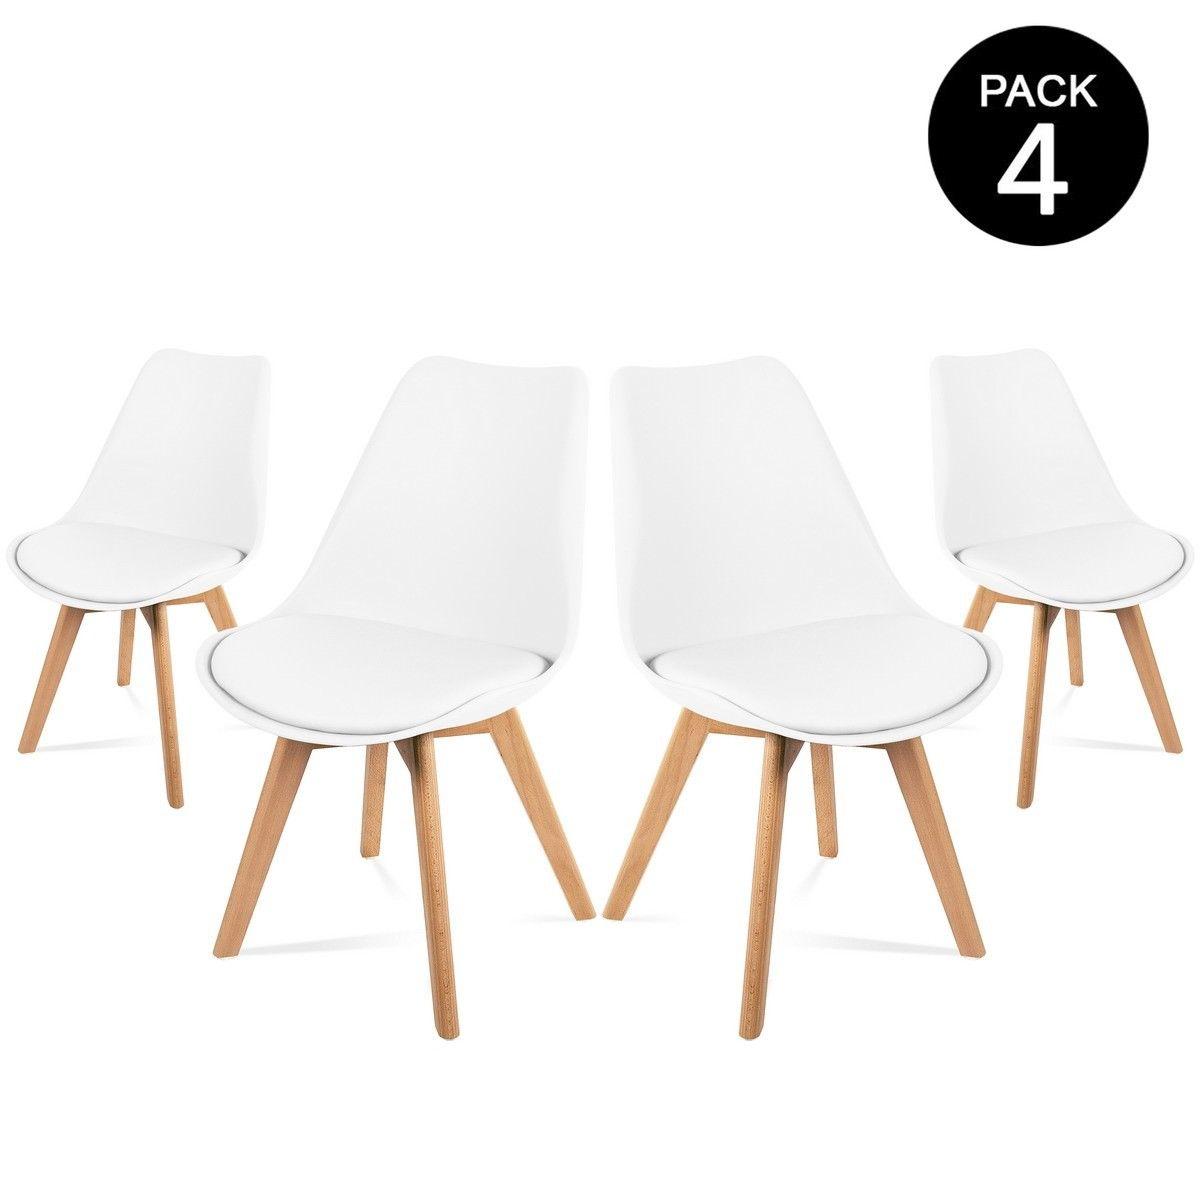 Lot de 4 Chaises avec Assise rembourrée et Pieds en bois - Style scandinave (Blanc)